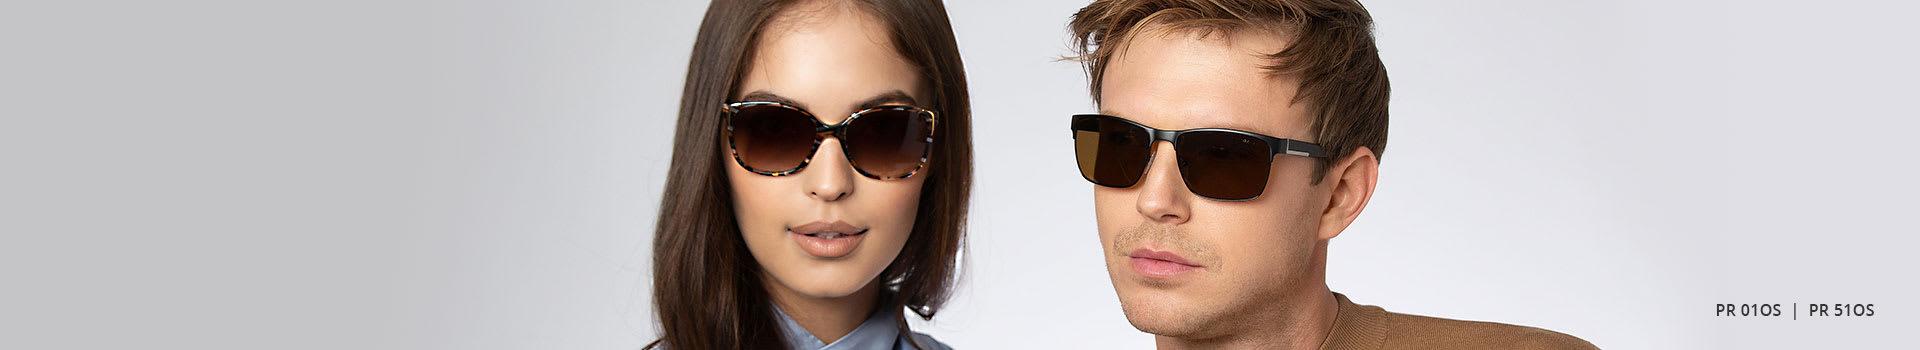 Shop Prescription Sunglasses - featuring Prada PR 01OS and Prada PR 51OS